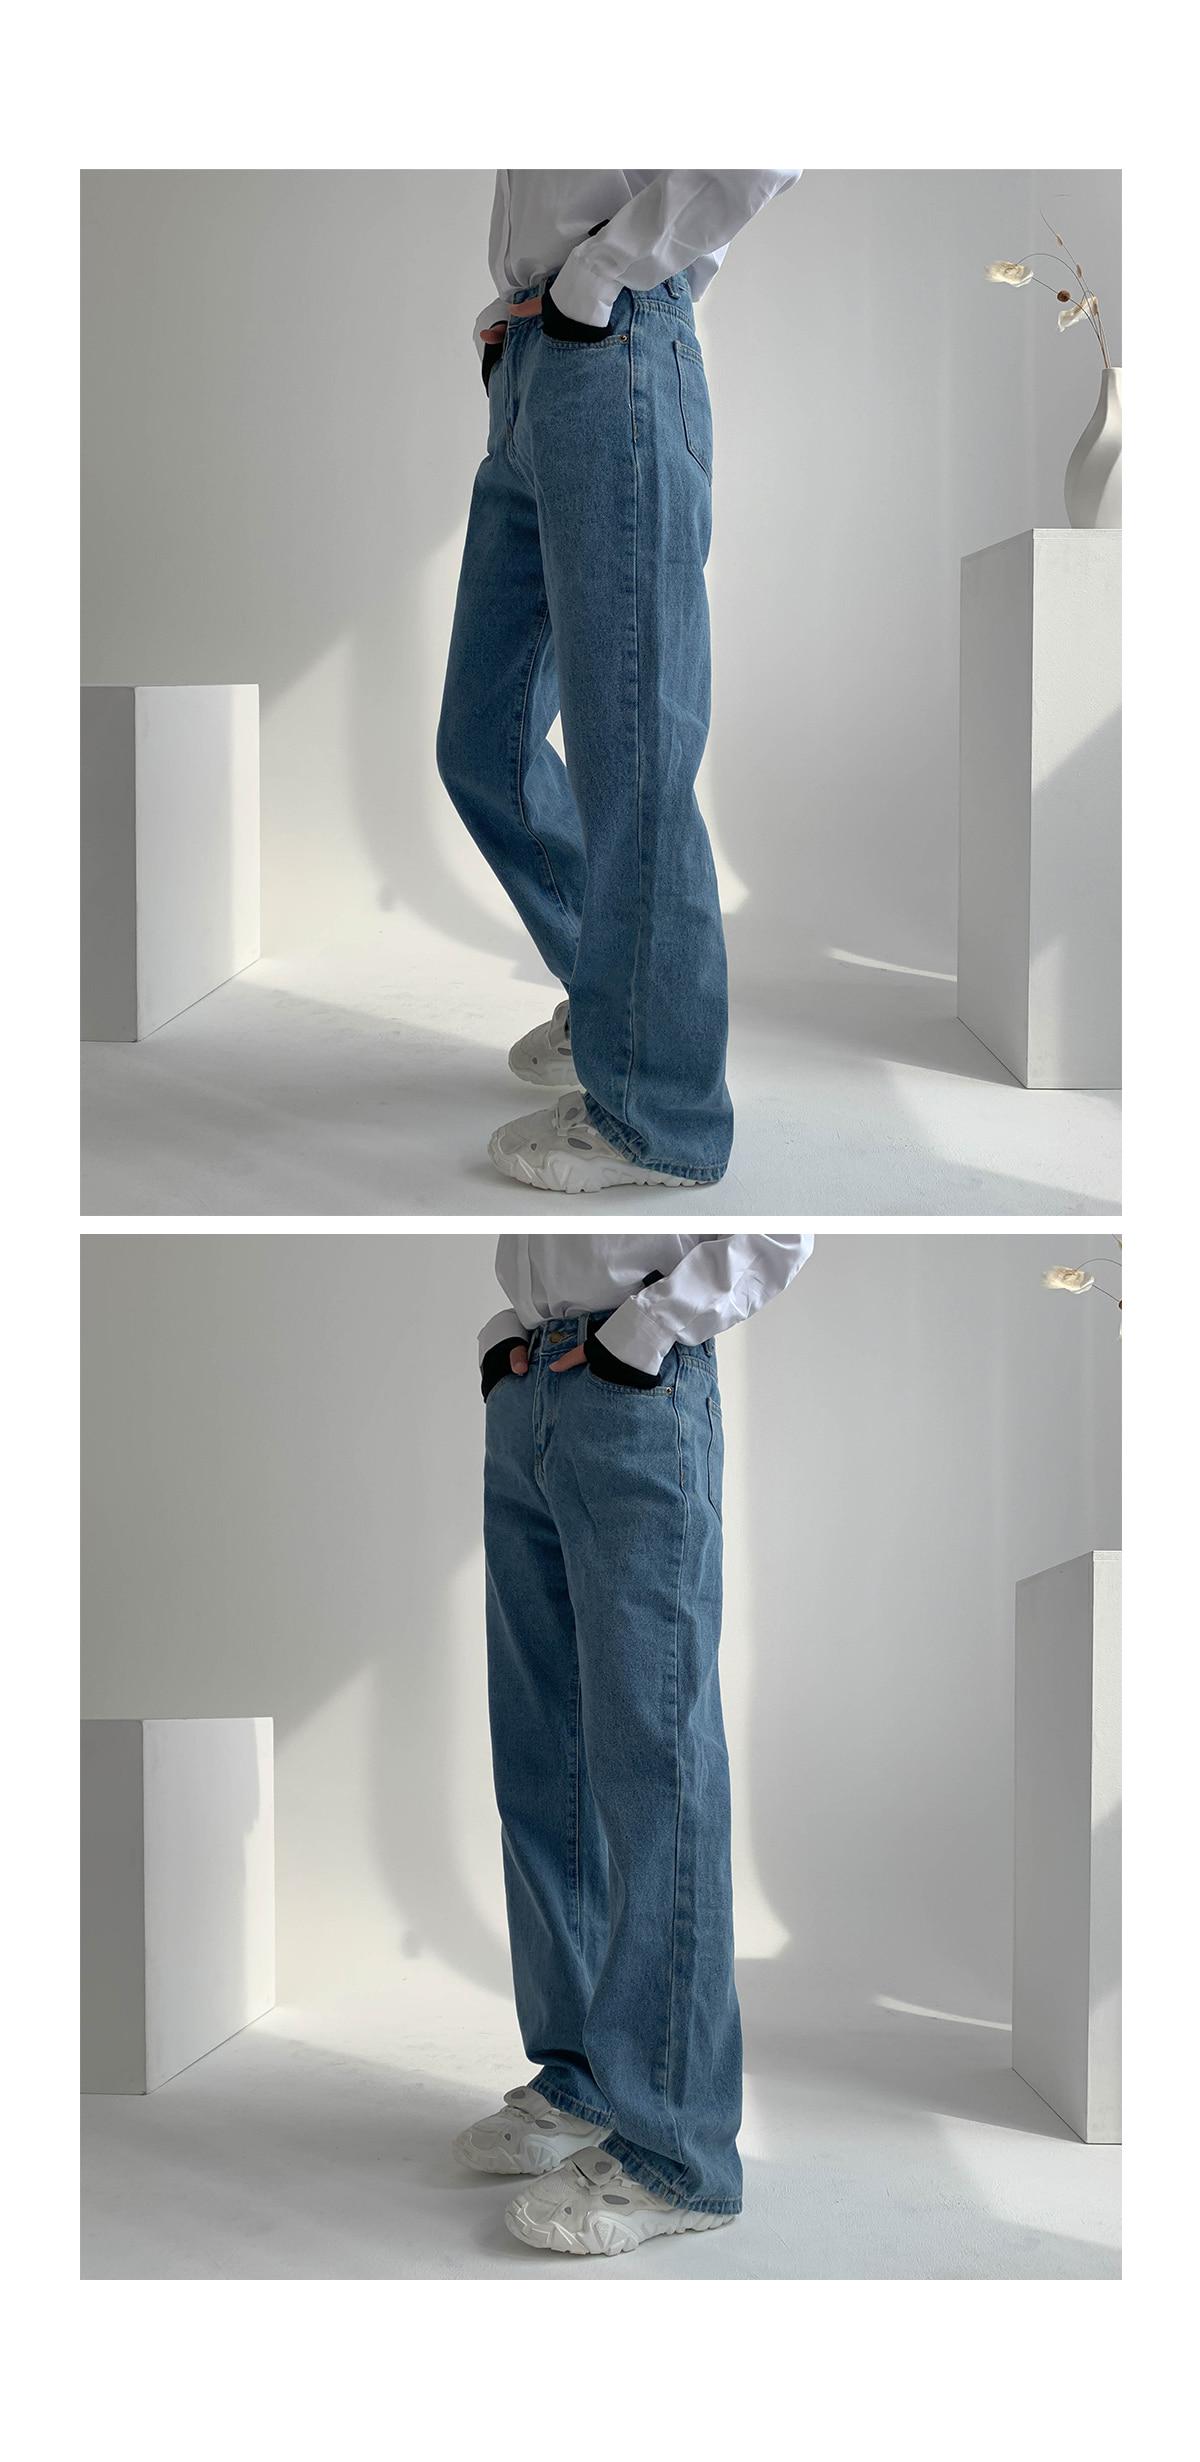 Velcro rover wide denim pants